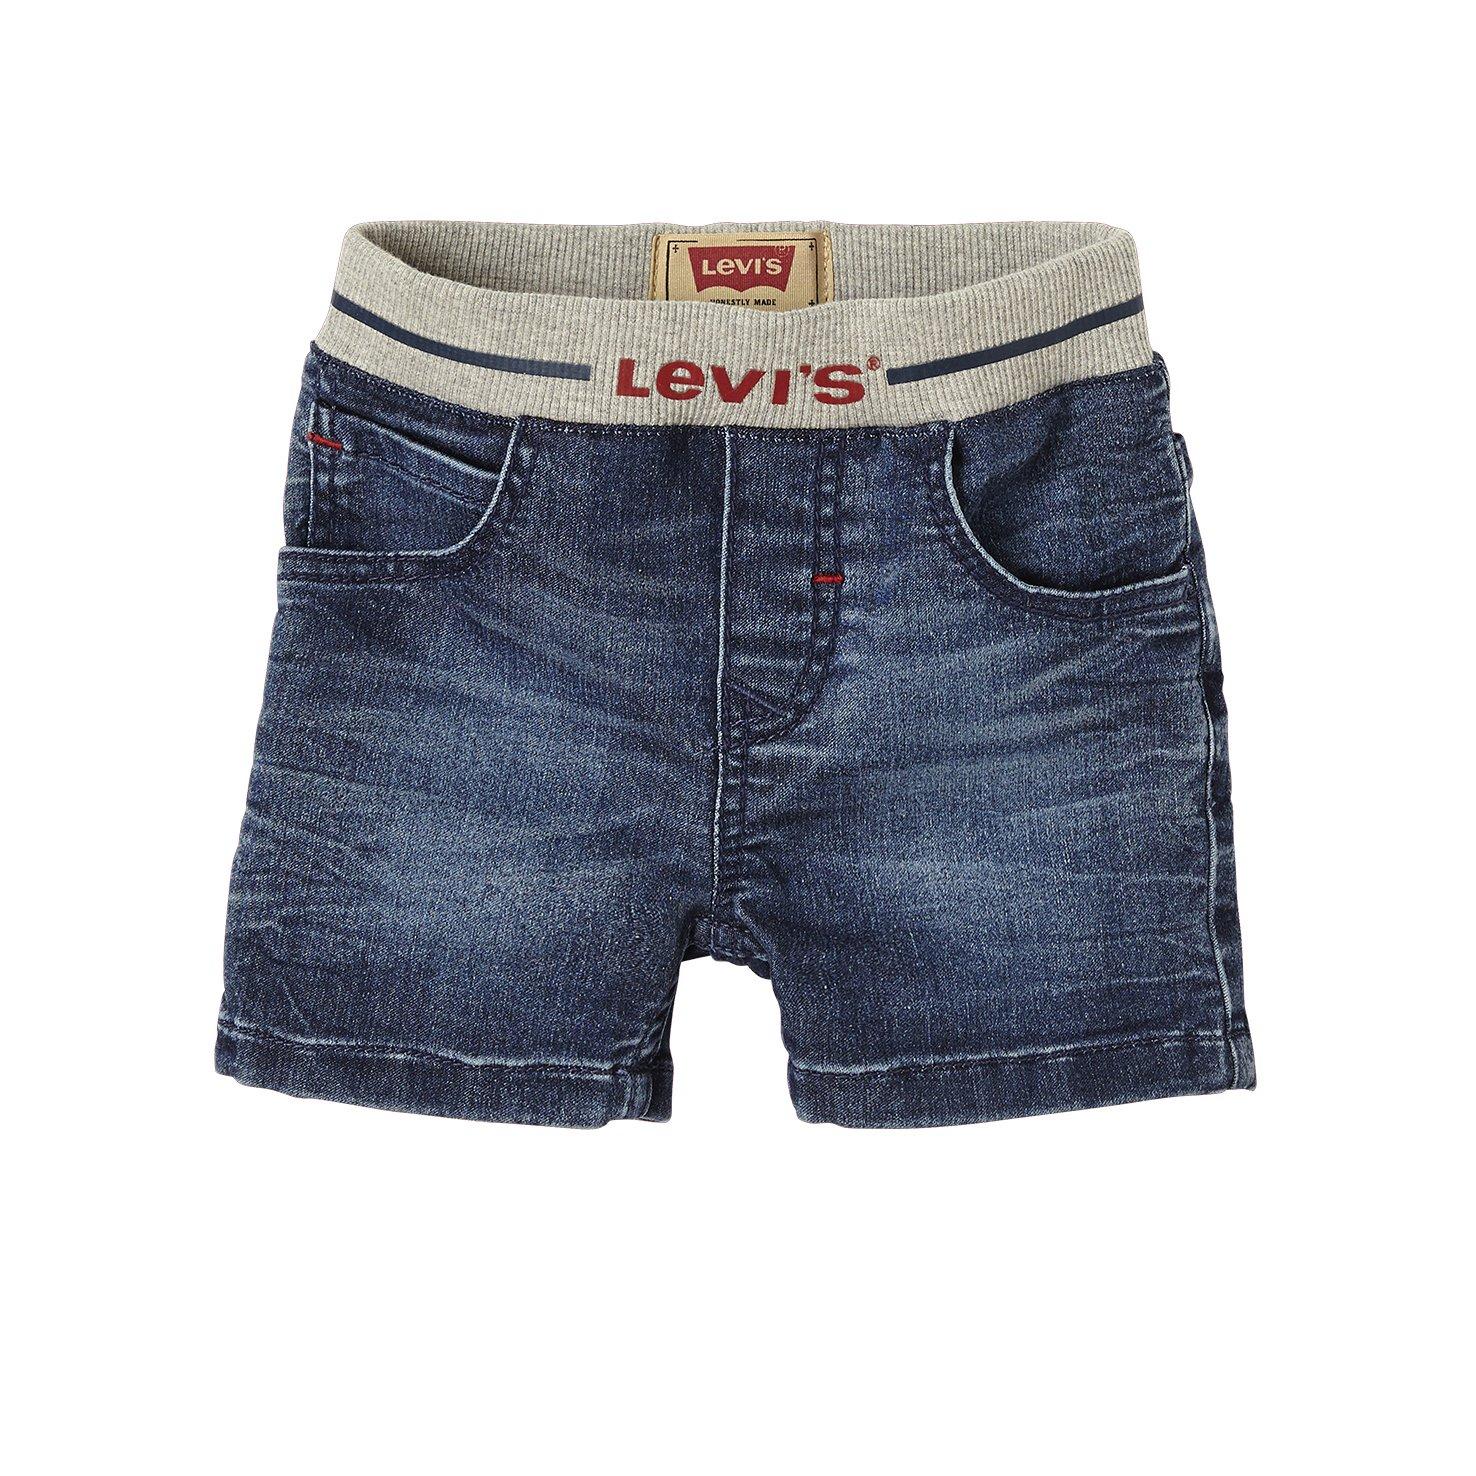 Levi's Kids, Pantaloncini Bimbo Levi' s Kids NL26034